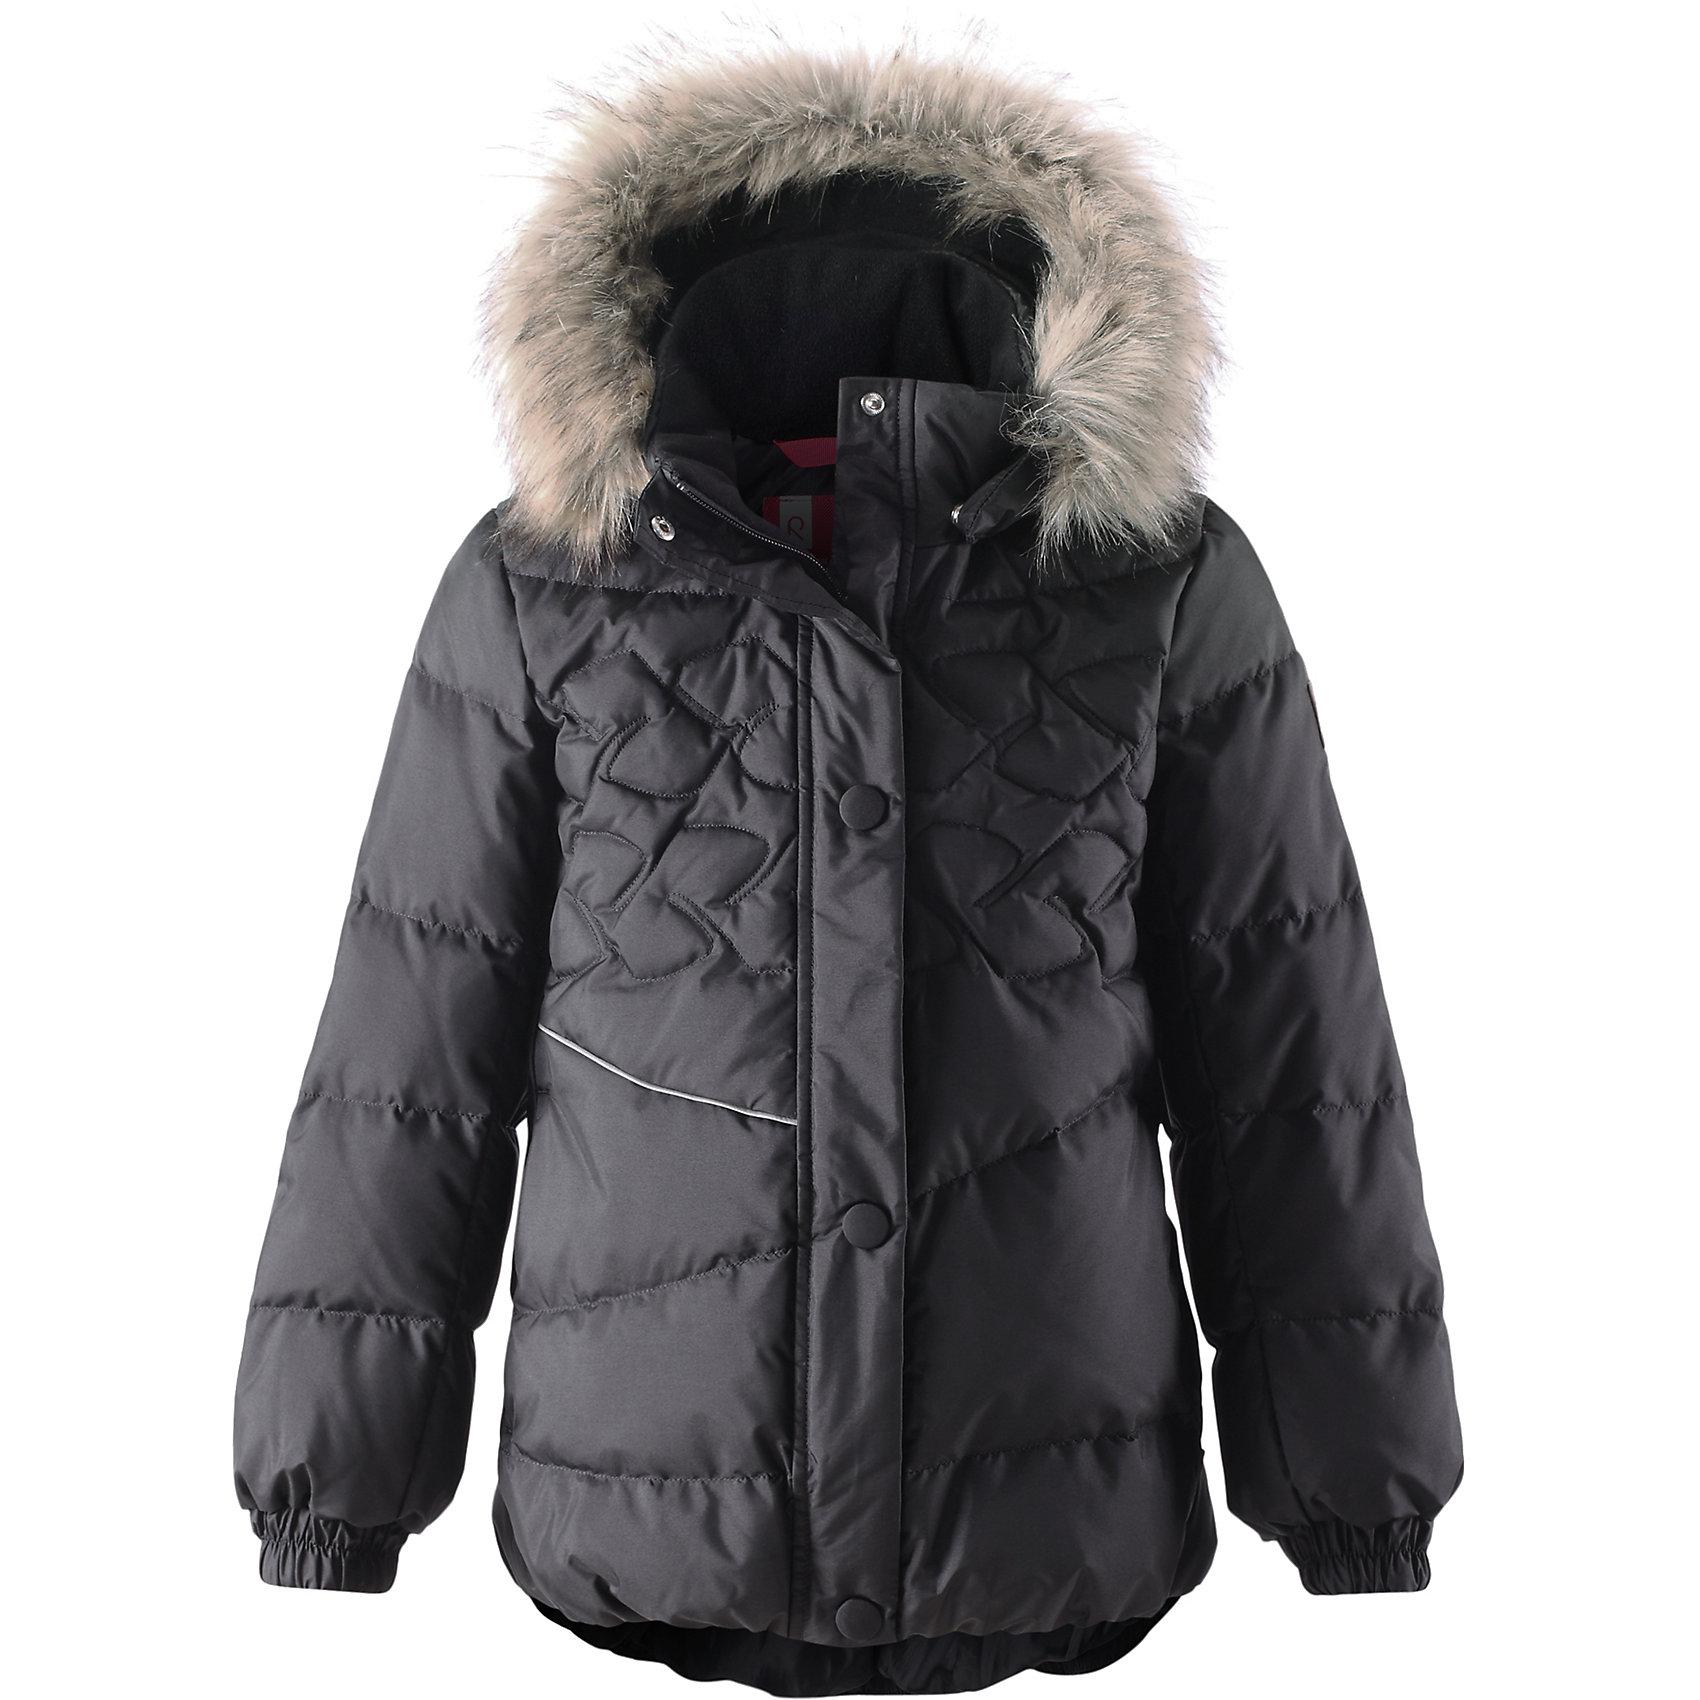 Пальто для девочки ReimaОдежда<br>Этот красивый пуховик согреет детей на прогулке в холодные зимние дни! Модель для девочек пошита из ветронепроницаемого дышащего материала, который отталкивает воду и грязь, чтобы обеспечить тепло и комфорт в морозные зимние дни. Куртка с подкладкой из гладкого полиэстера легко надевается и удобно носится с тёплым промежуточным слоем. Спереди и сзади эта тёплая куртка украшена элегантной вышивкой. Сзади на талии имеется фиксированная утяжка. У этой удлинённой модели слегка пышный подол. Во время прогулки маленькие сокровища можно спрятать в два боковых кармана на молнии. Съёмный капюшон не только защищает от холодного ветра, но и безопасен. Если закреплённый кнопками капюшон зацепится за что-нибудь, он легко отстегнётся. Завершающий штрих - съёмная отделка из искусственного меха на капюшоне.<br><br> Водоотталкивающий пуховик для девочек-подростков<br> Безопасный съёмный капюшон с отстёгивающейся отделкой из искусственного меха<br> Эластичные манжеты<br> Боковые карманы на молниях<br><br>Состав:<br>55% ПА 45% ПЭ, ПУ-покрытие<br>Высокая степень утепления (до - 30)<br>Утеплитель: пух<br><br>Куртку Reima (Рейма) можно купить в нашем магазине.<br><br>Ширина мм: 356<br>Глубина мм: 10<br>Высота мм: 245<br>Вес г: 519<br>Цвет: черный<br>Возраст от месяцев: 96<br>Возраст до месяцев: 108<br>Пол: Женский<br>Возраст: Детский<br>Размер: 134,128,116,140,110,122,152,164,158,146<br>SKU: 4417178